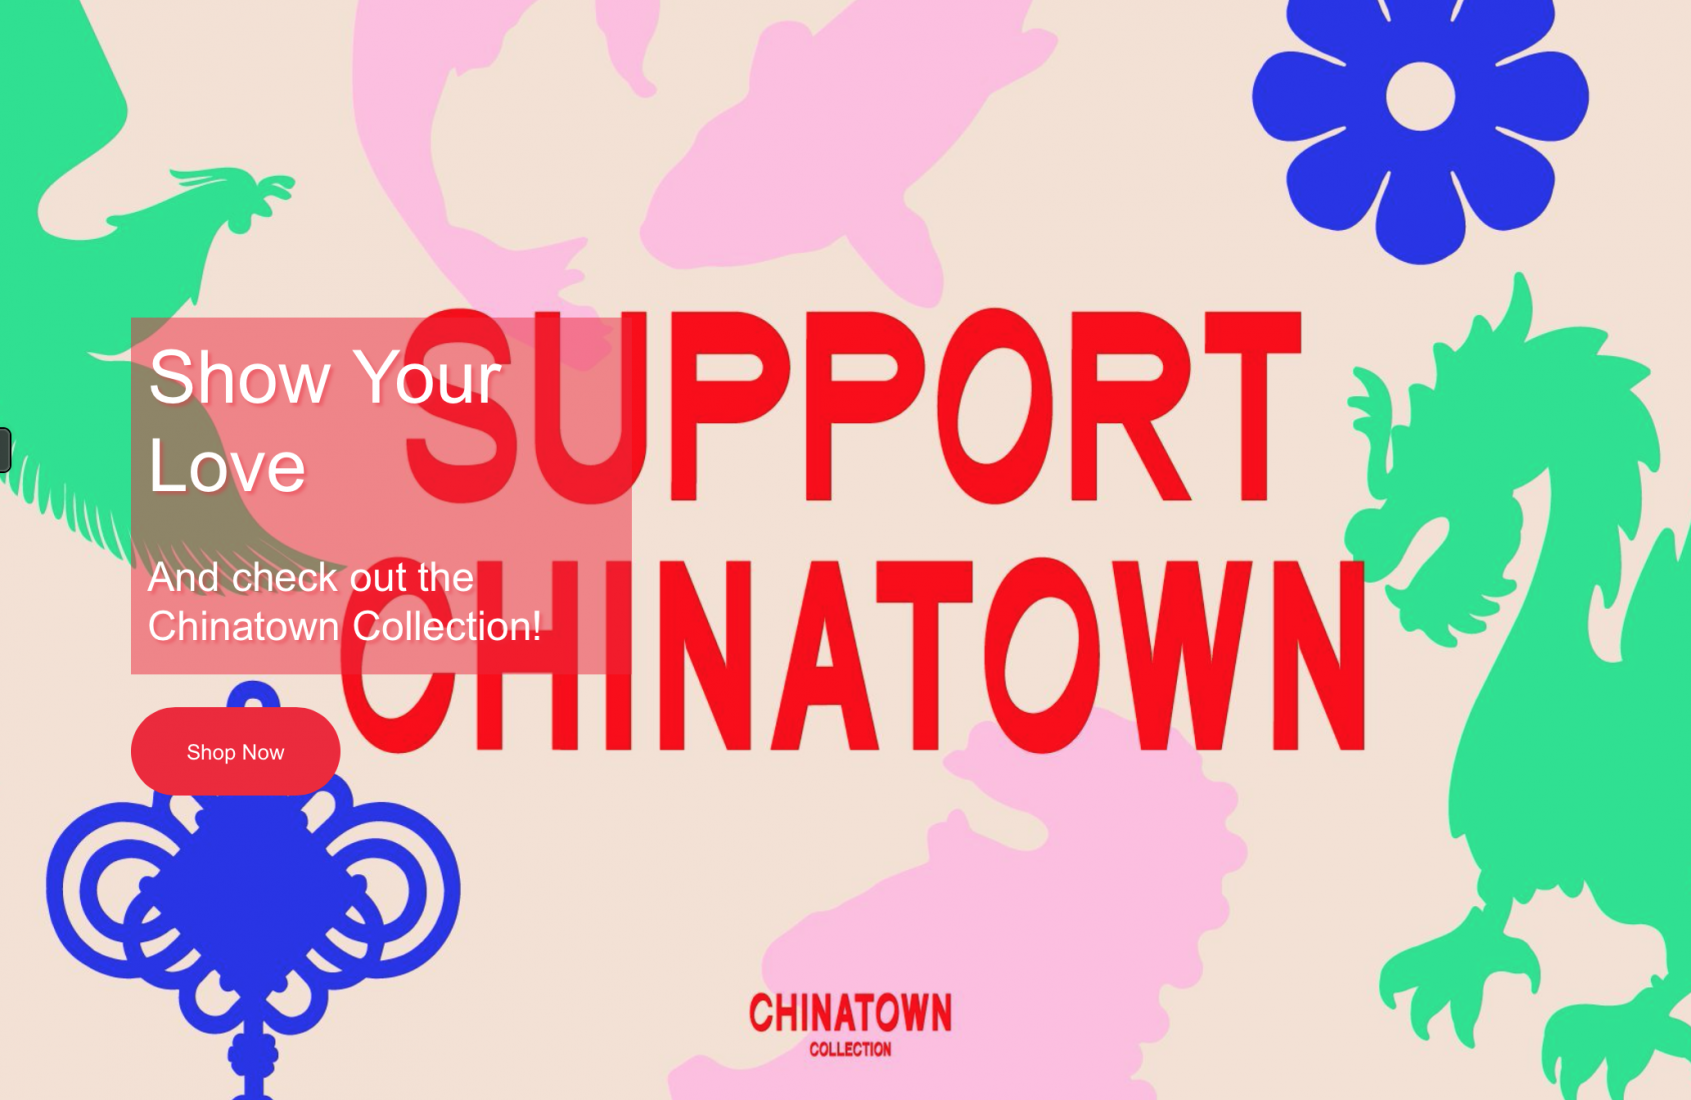 CHINATOWN NEEDS YOU!